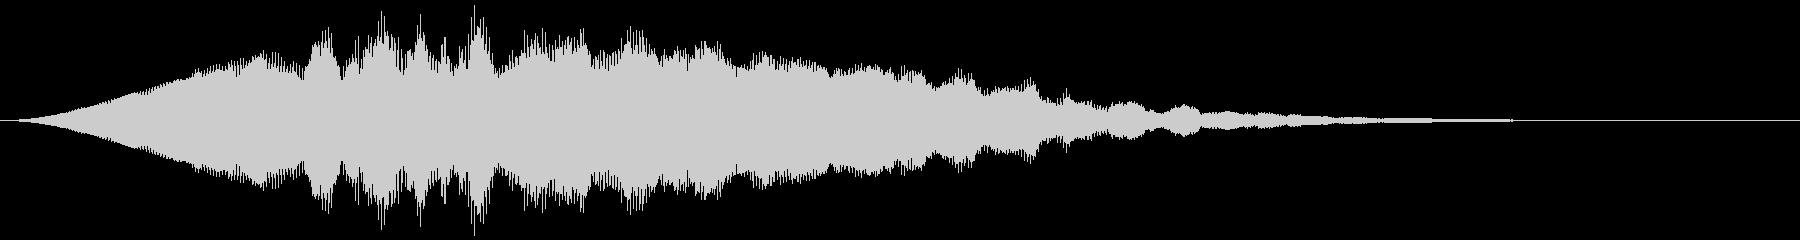 【アンビエント】ドローン_38 実験音の未再生の波形